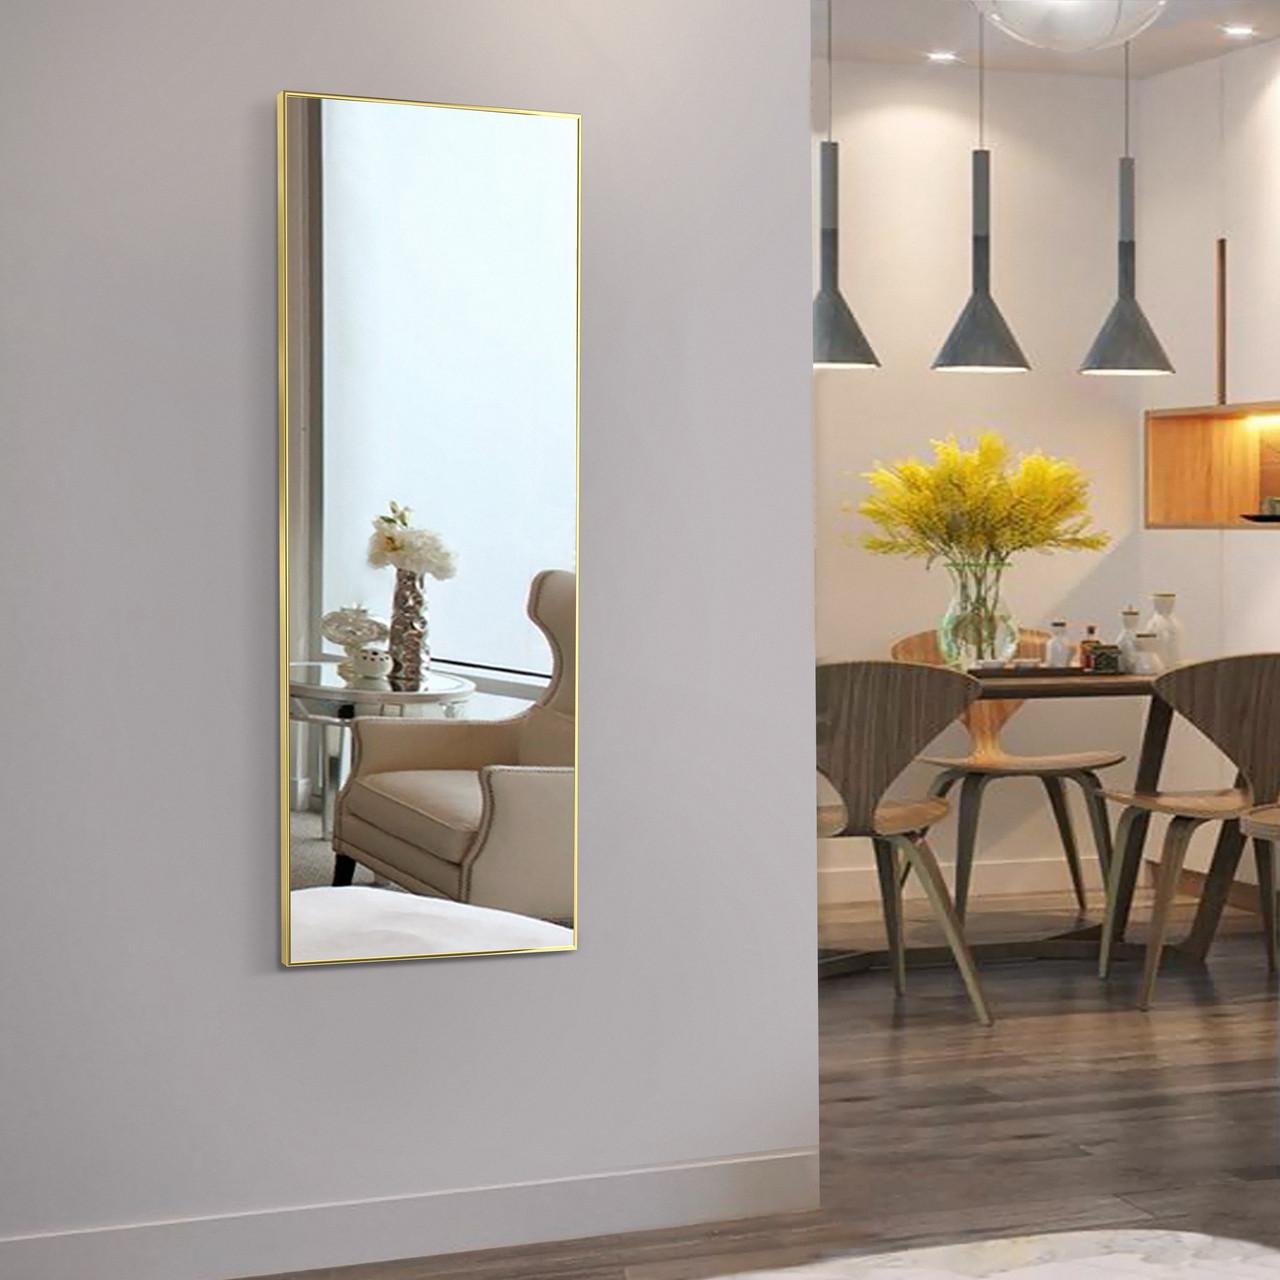 Зеркало в раме для помещений с повышеной влажностью 1500х700 мм золотого цвета пр. Украина